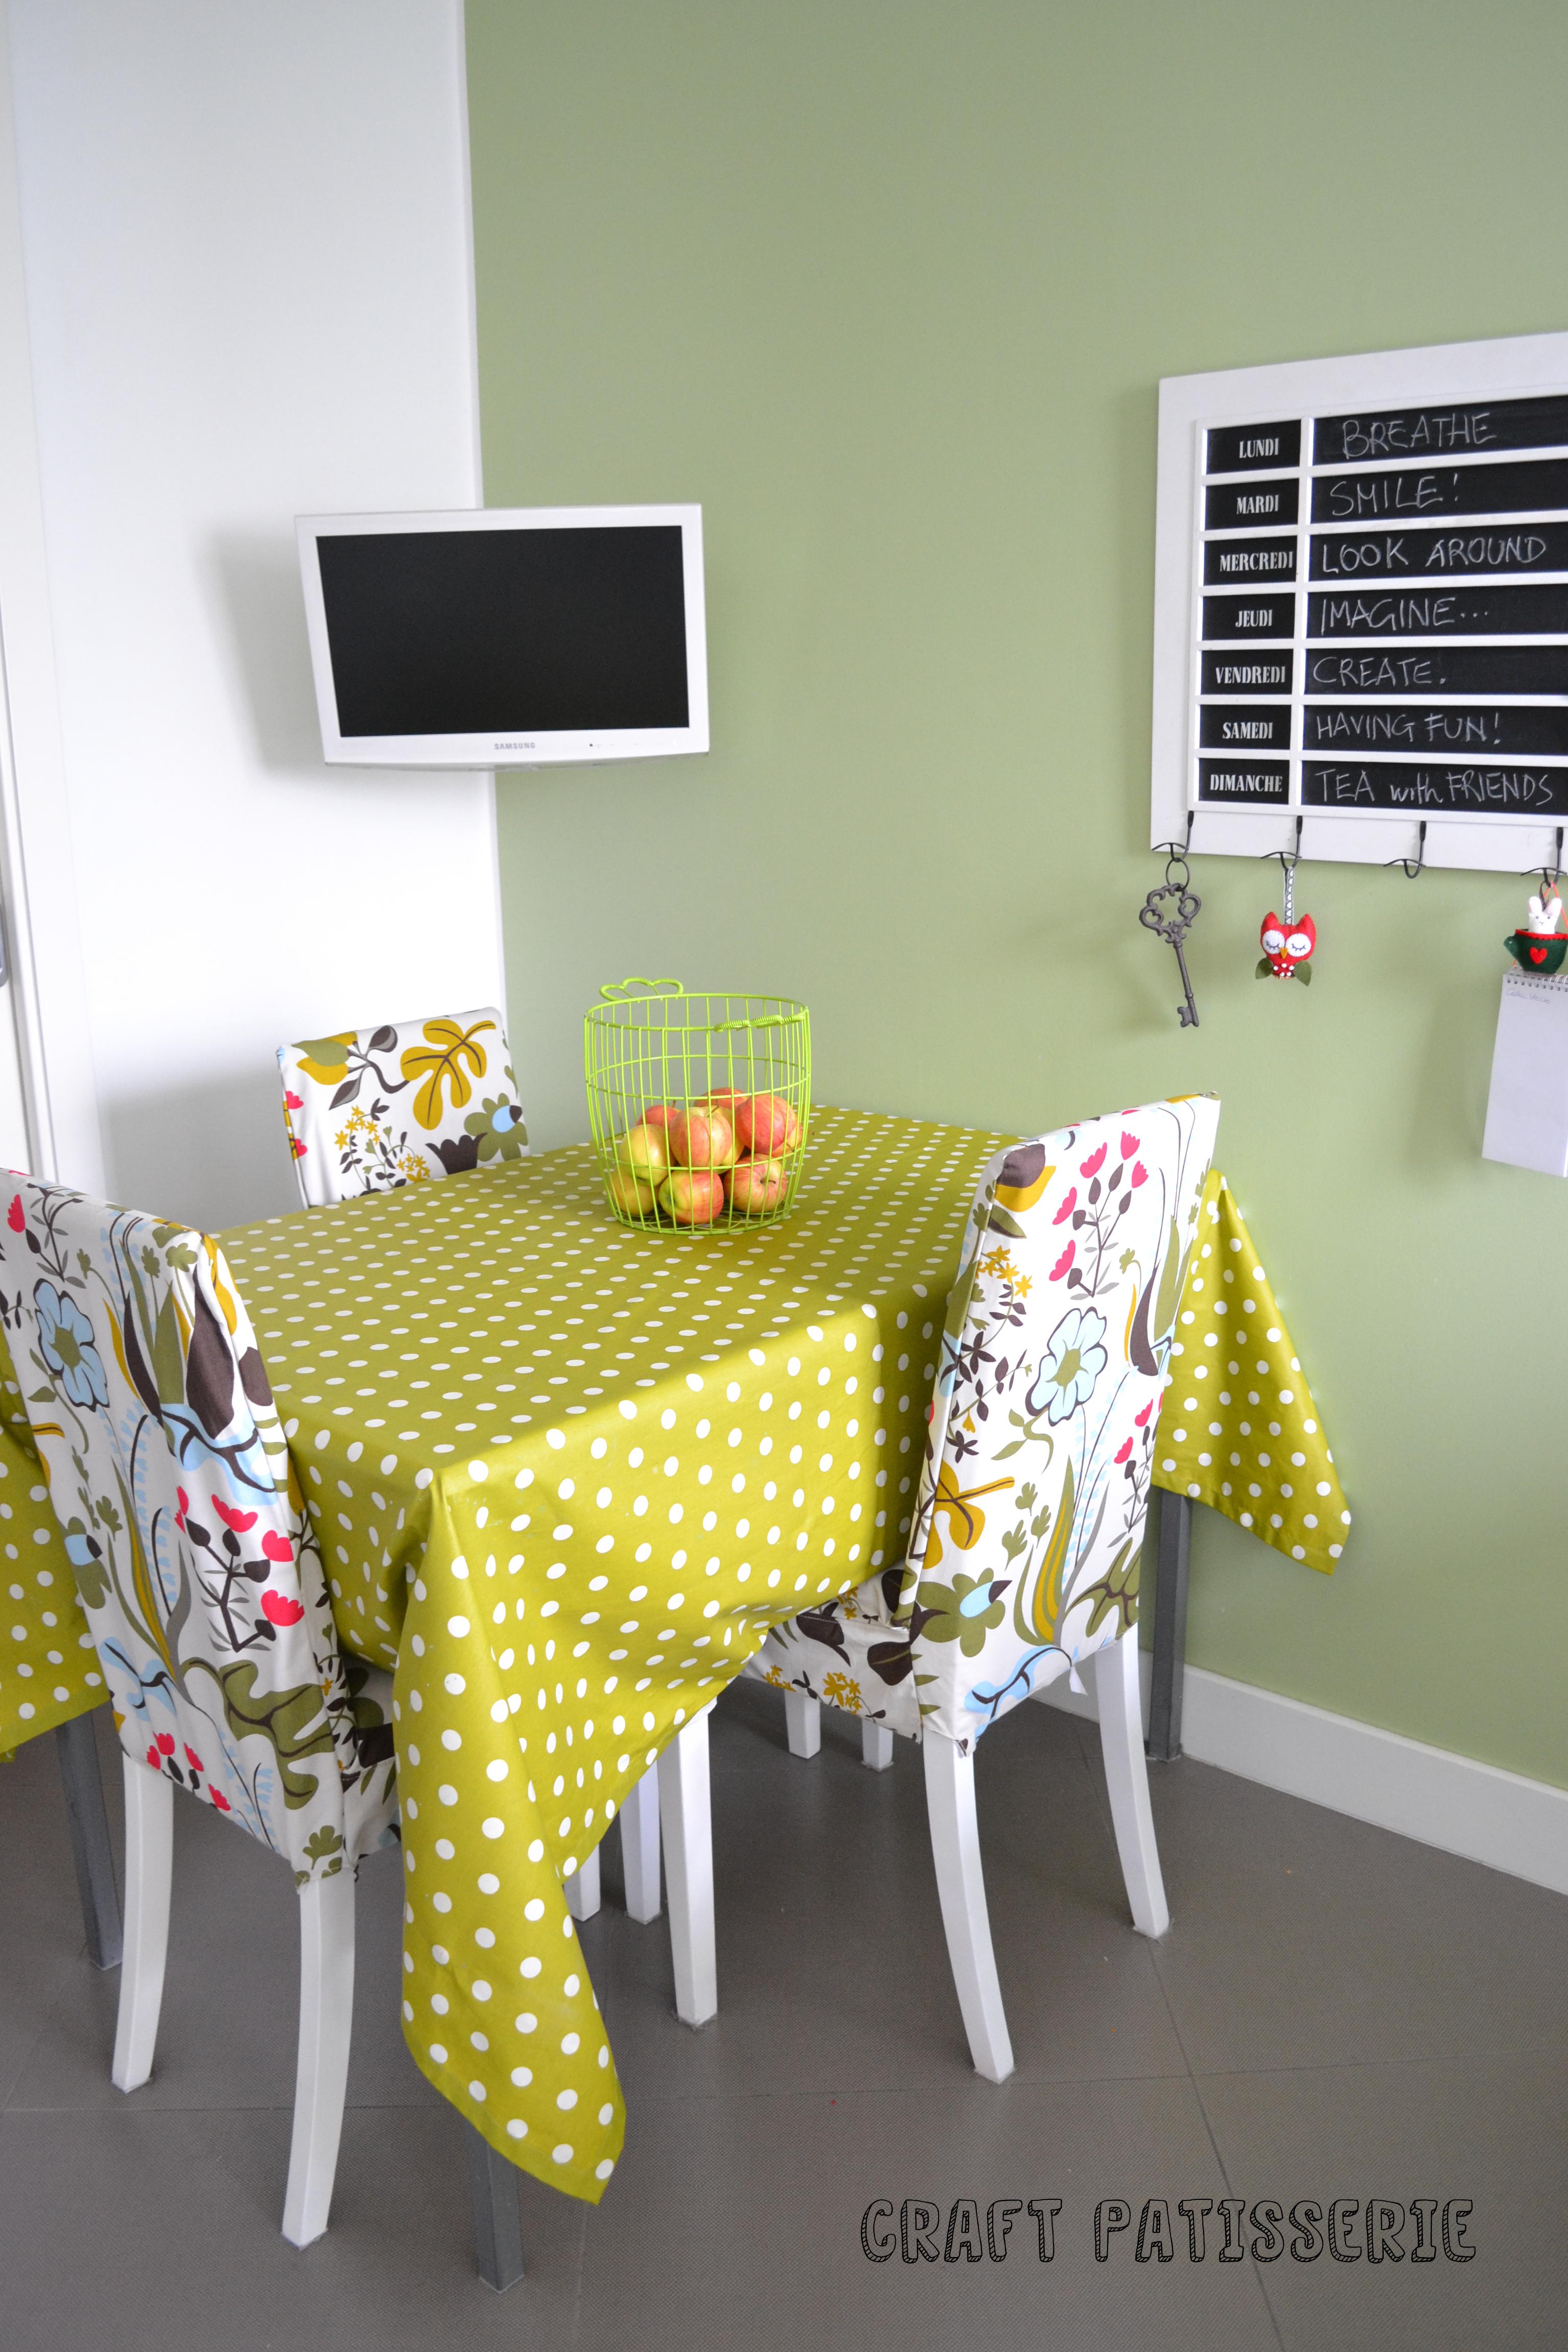 La cucina di craft patisserie con le sedie vestite d autunno for Sedie vestite